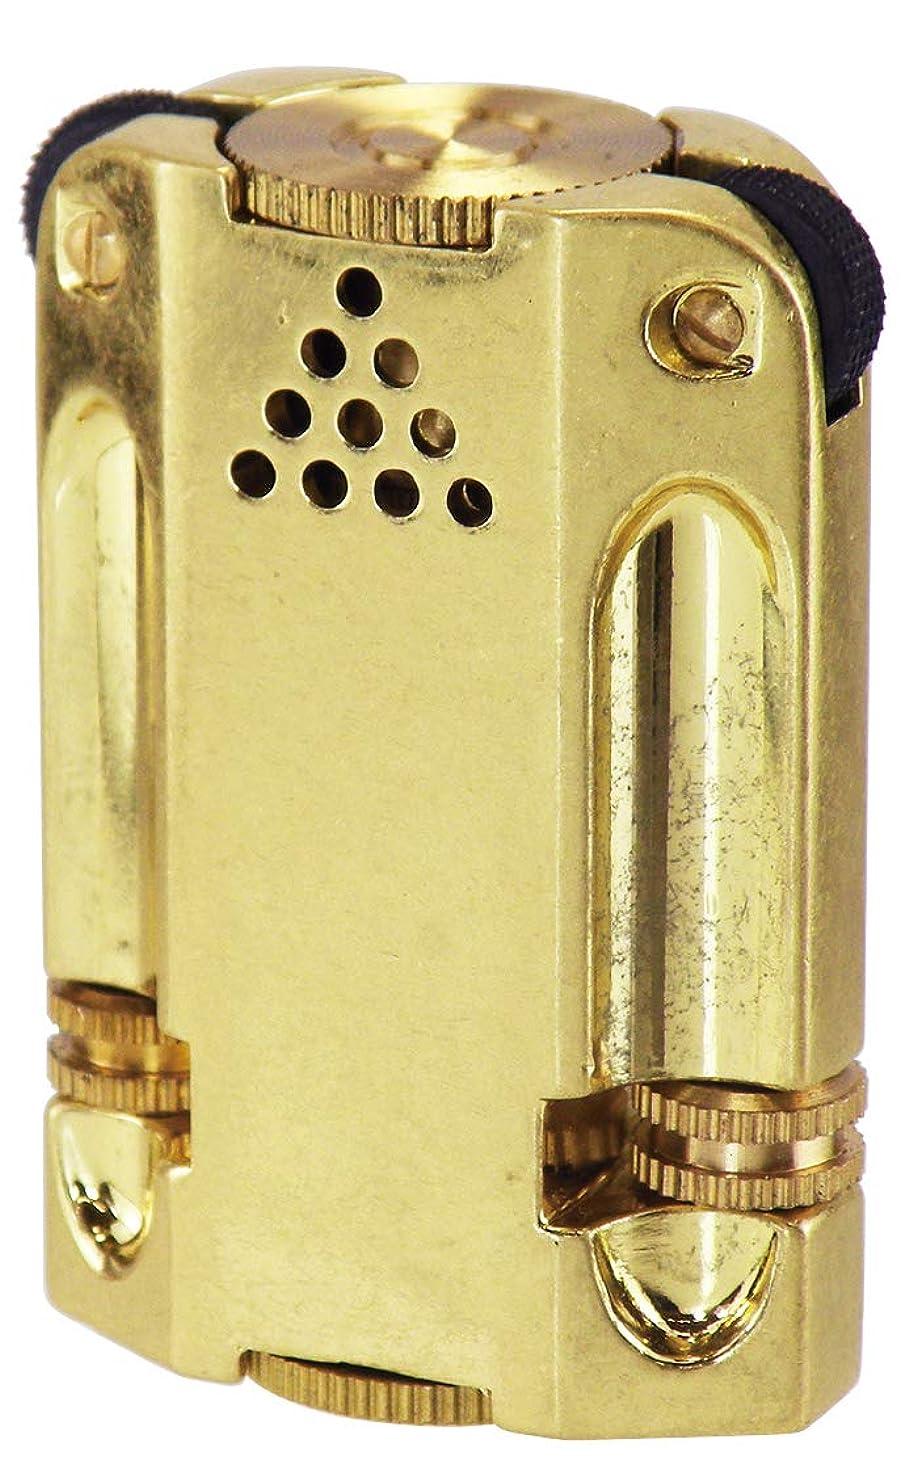 歩道歩くオークションペンギンライター ライター アレックス3 卓上用 バレル仕上げ ブラス